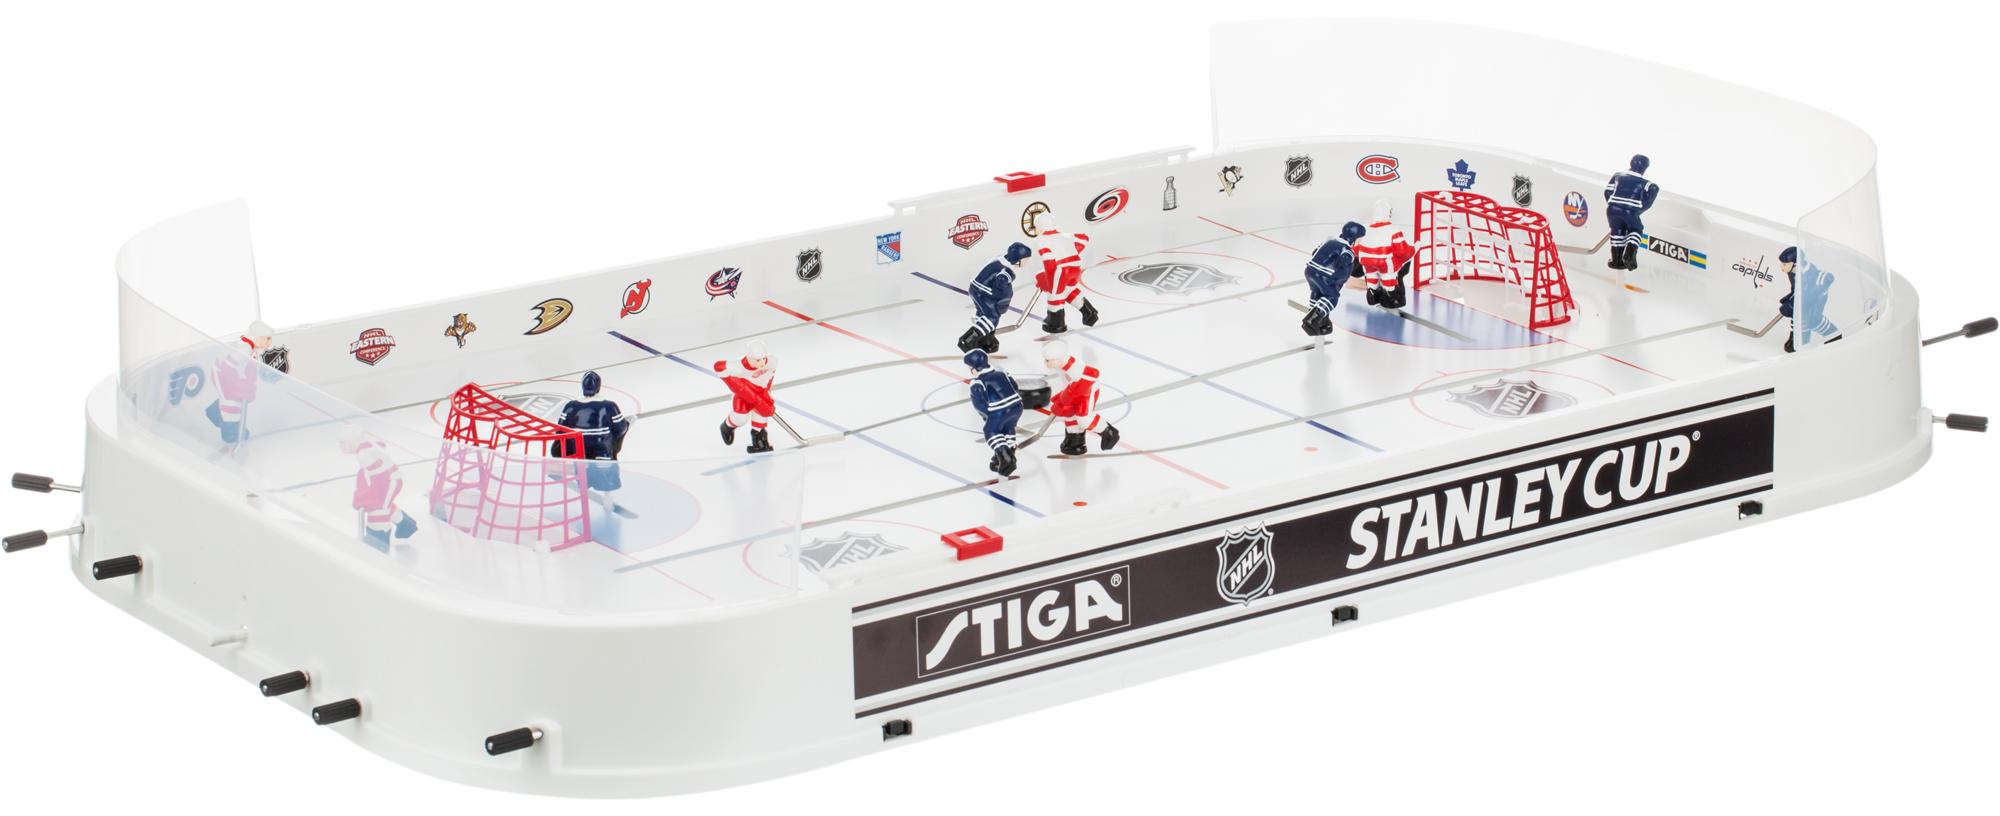 Stiga Настольный хоккей Stanley Cup